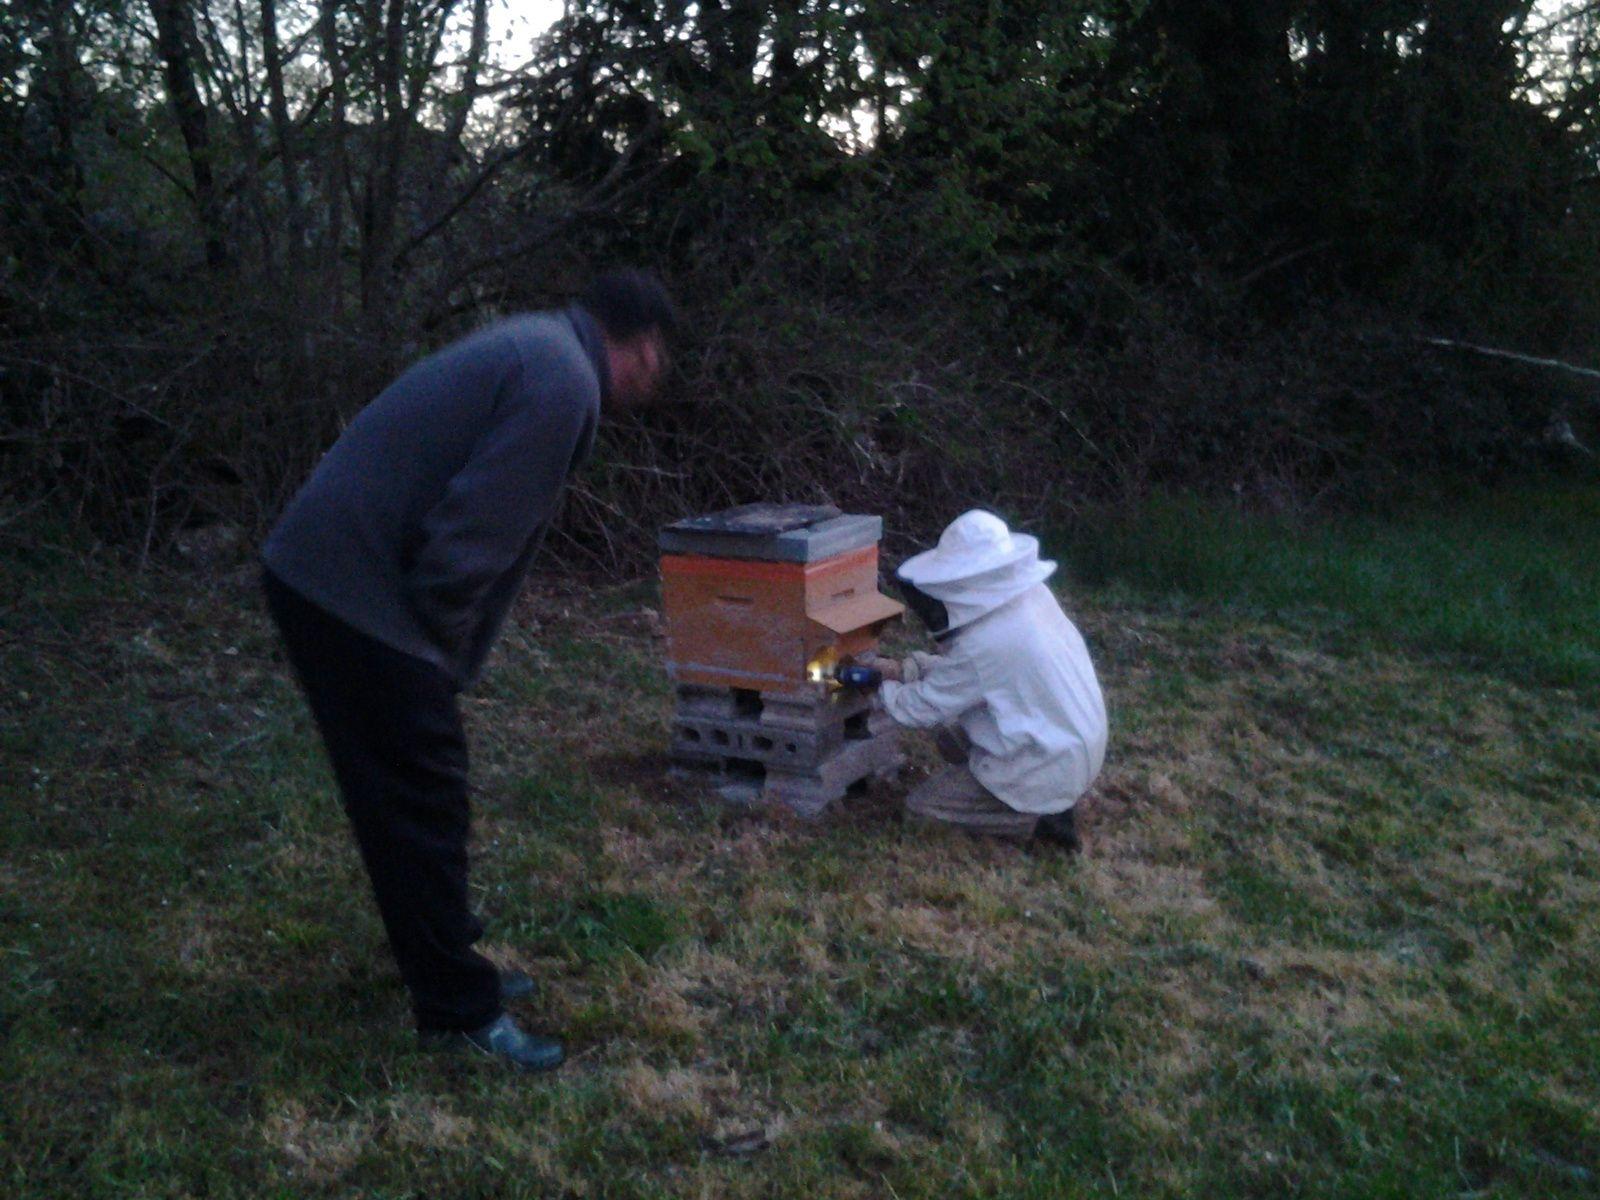 Le rêve de yann est enfin réalisé.  Avoir une ruche et produire son propre miel. Peut être le début d'une passion.